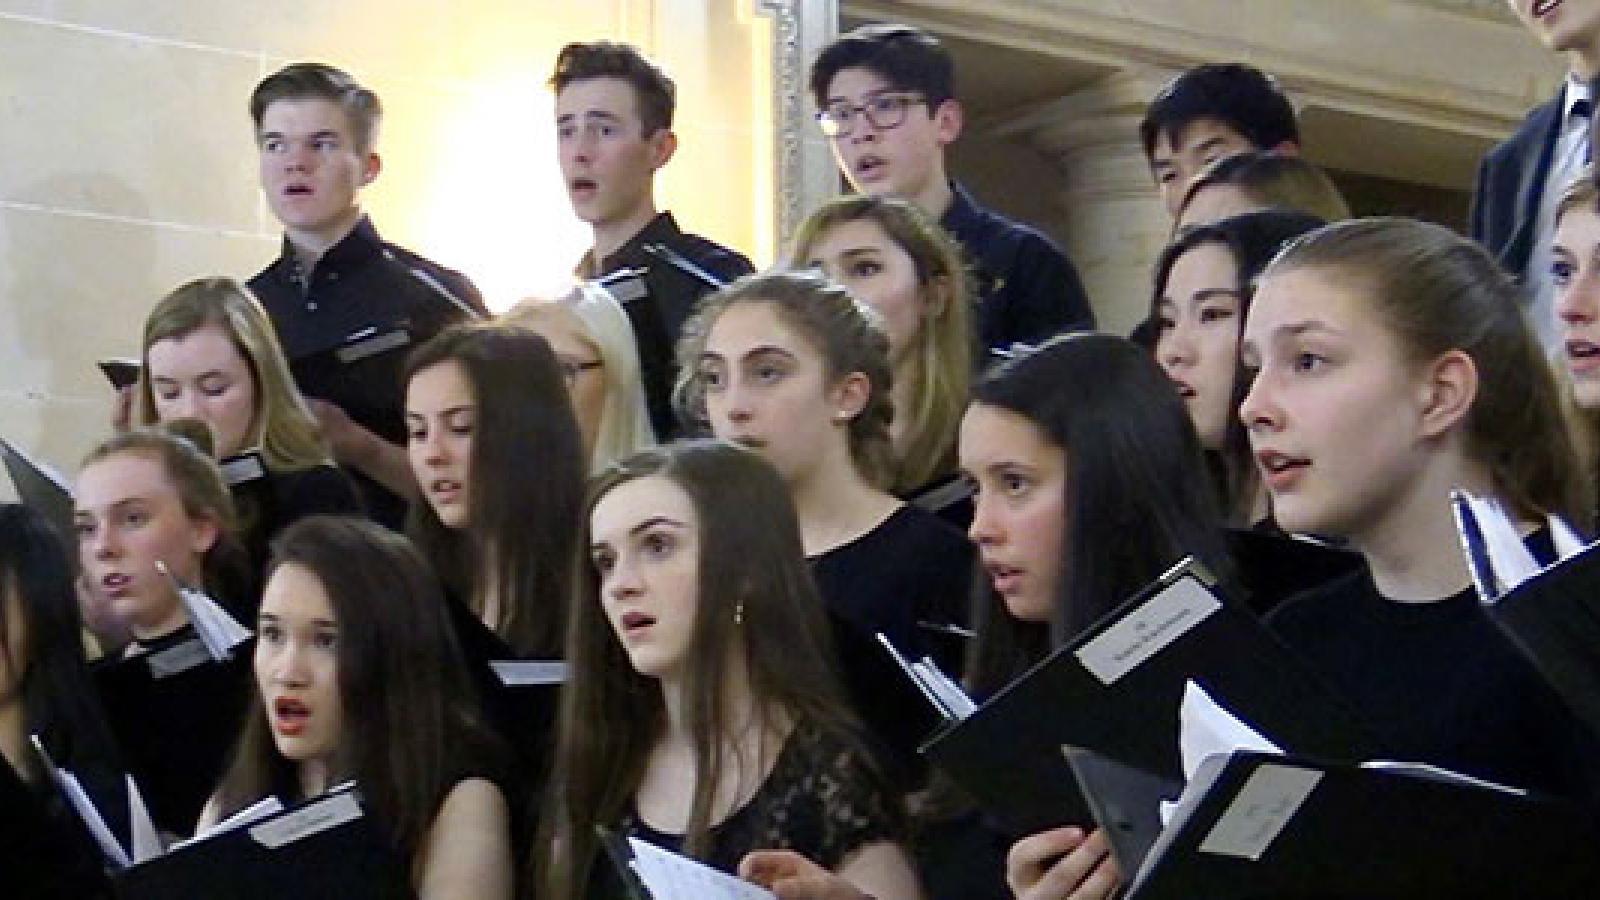 Children in choir singing